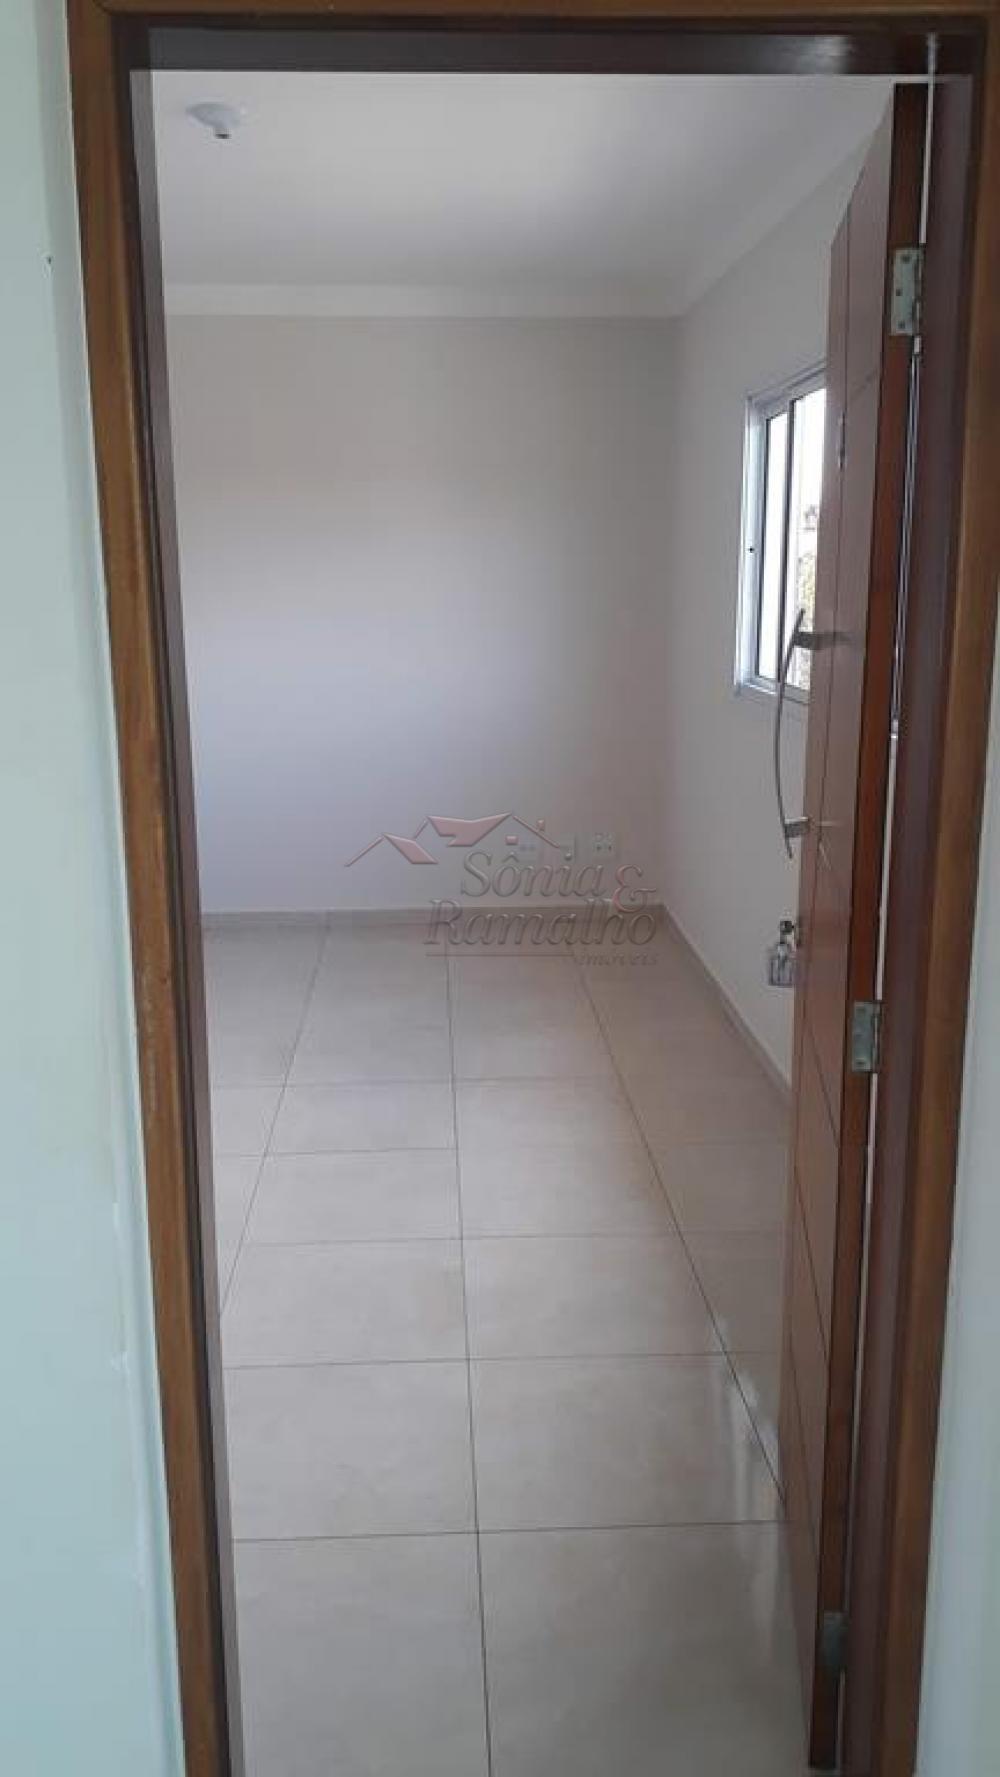 Alugar Apartamentos / Padrão em Ribeirão Preto R$ 1.350,00 - Foto 6